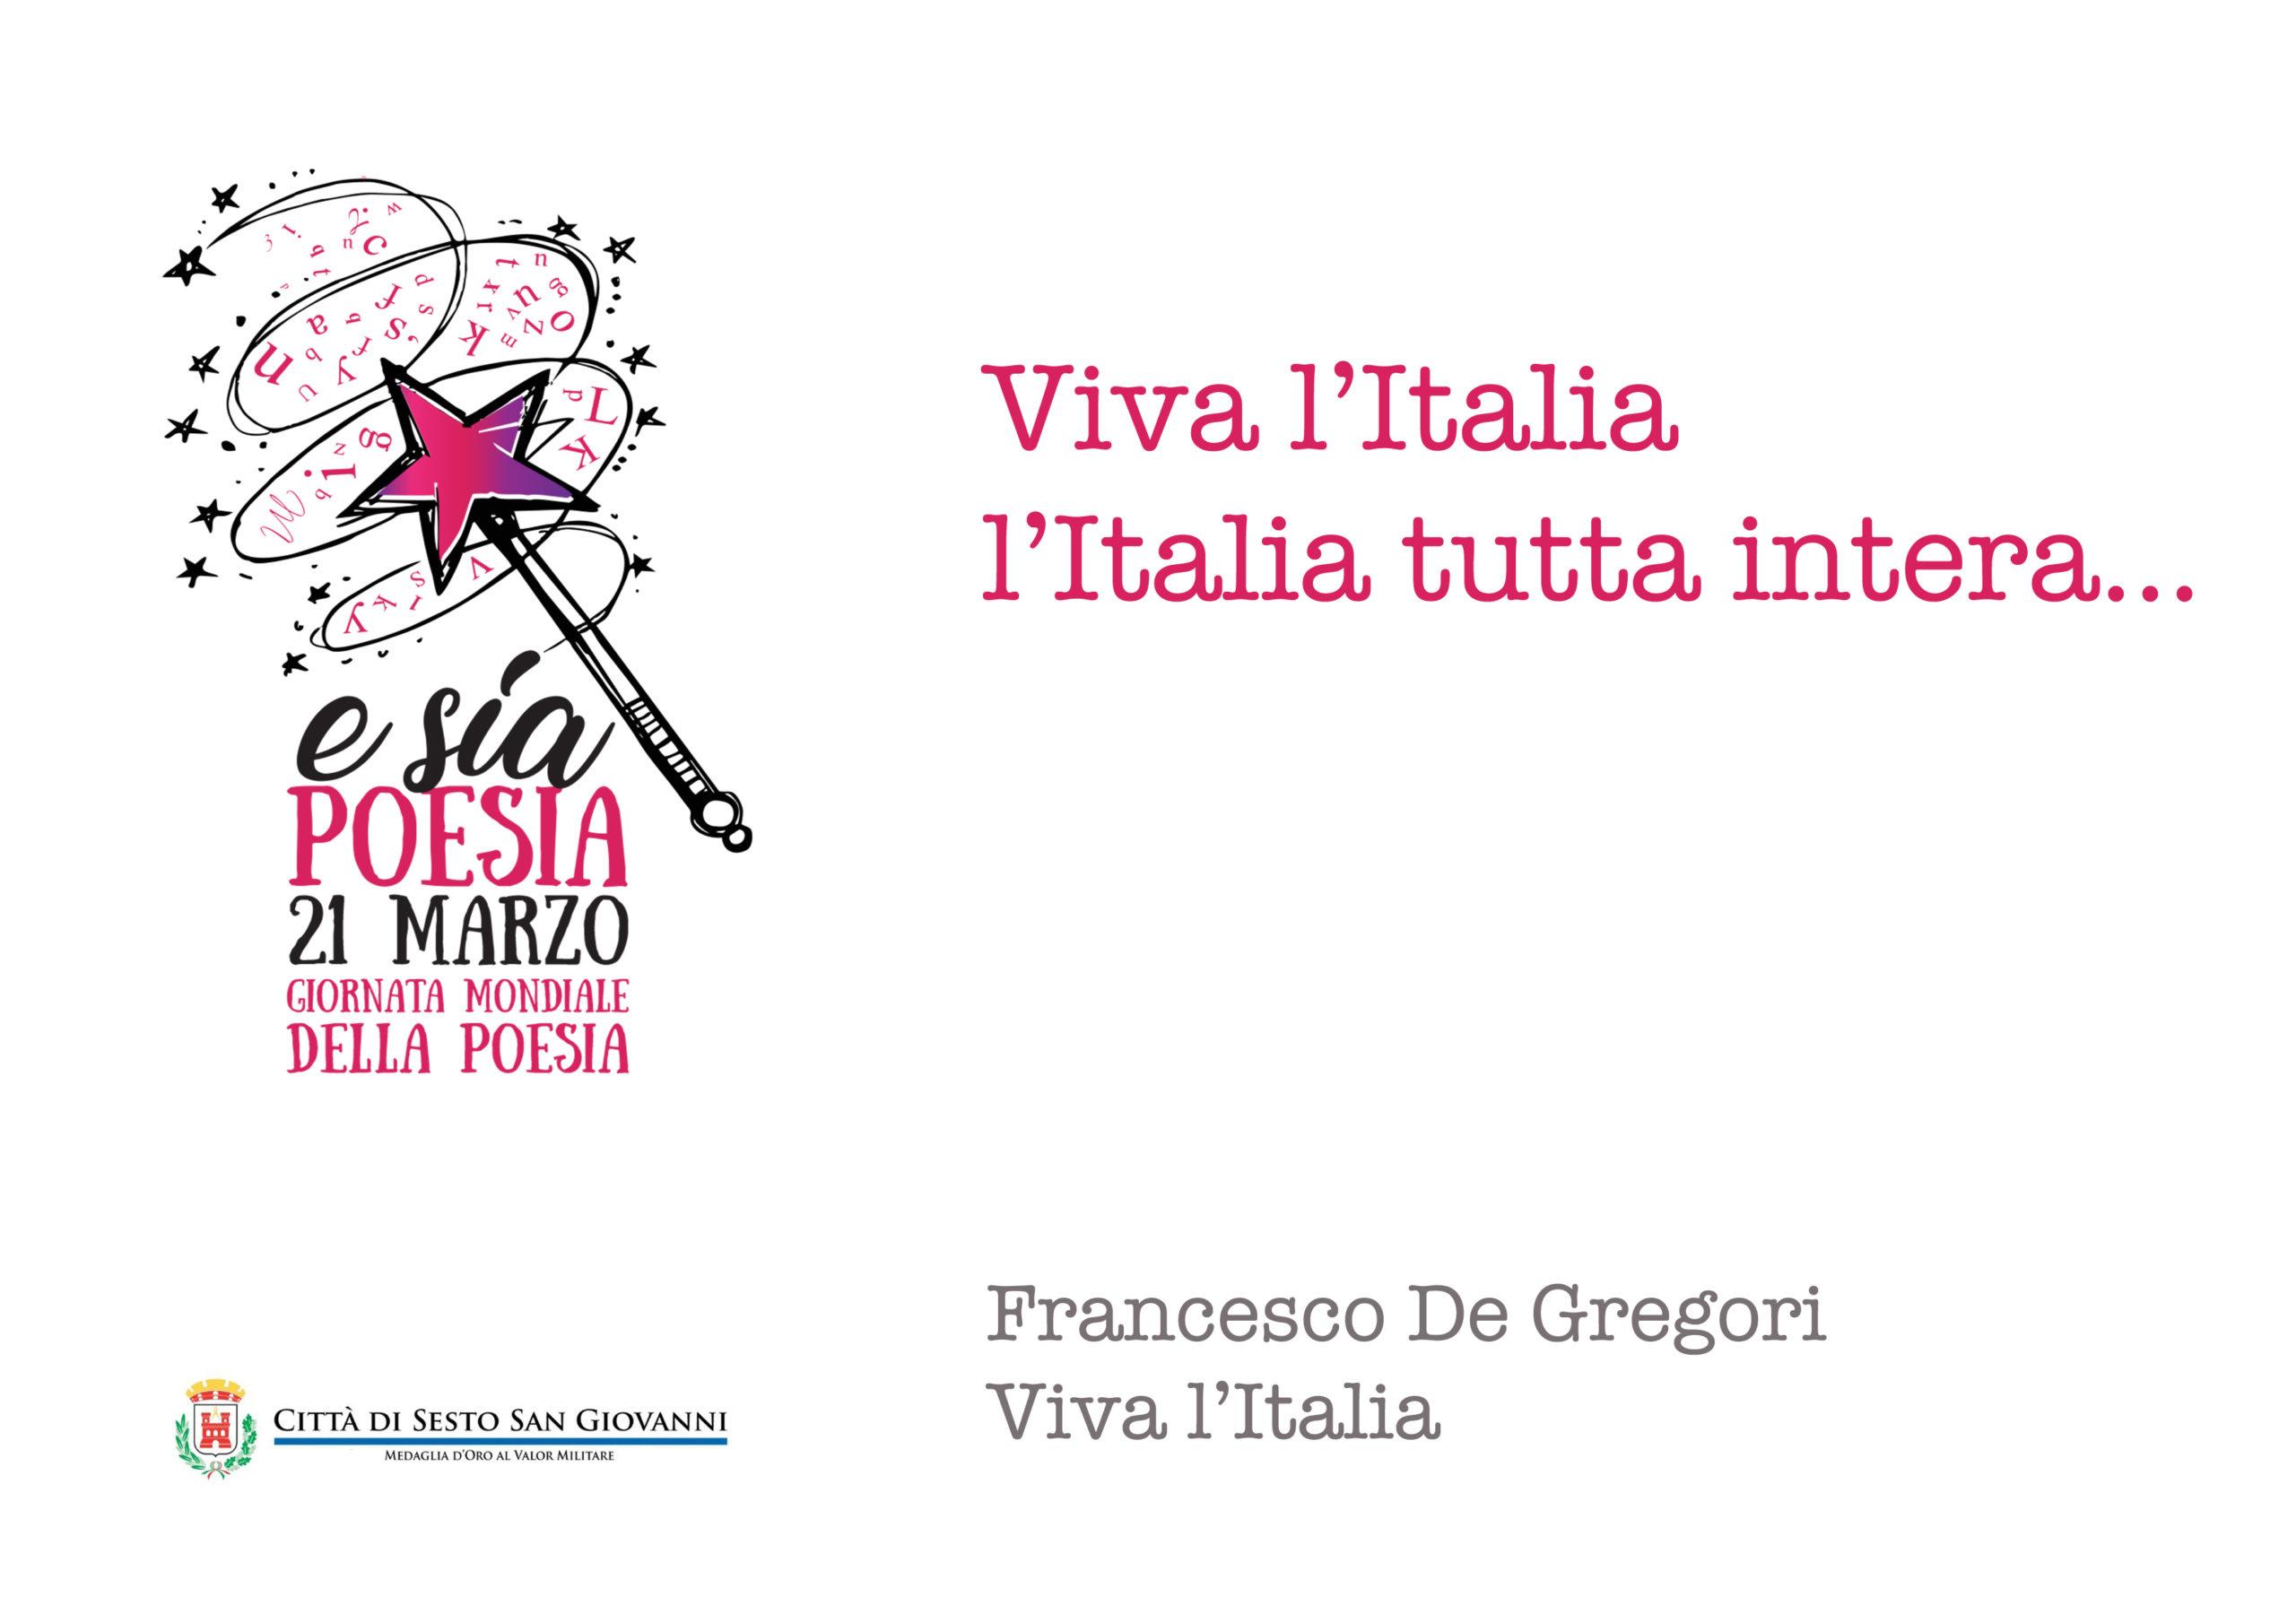 e sia poesia -10 viva l italia